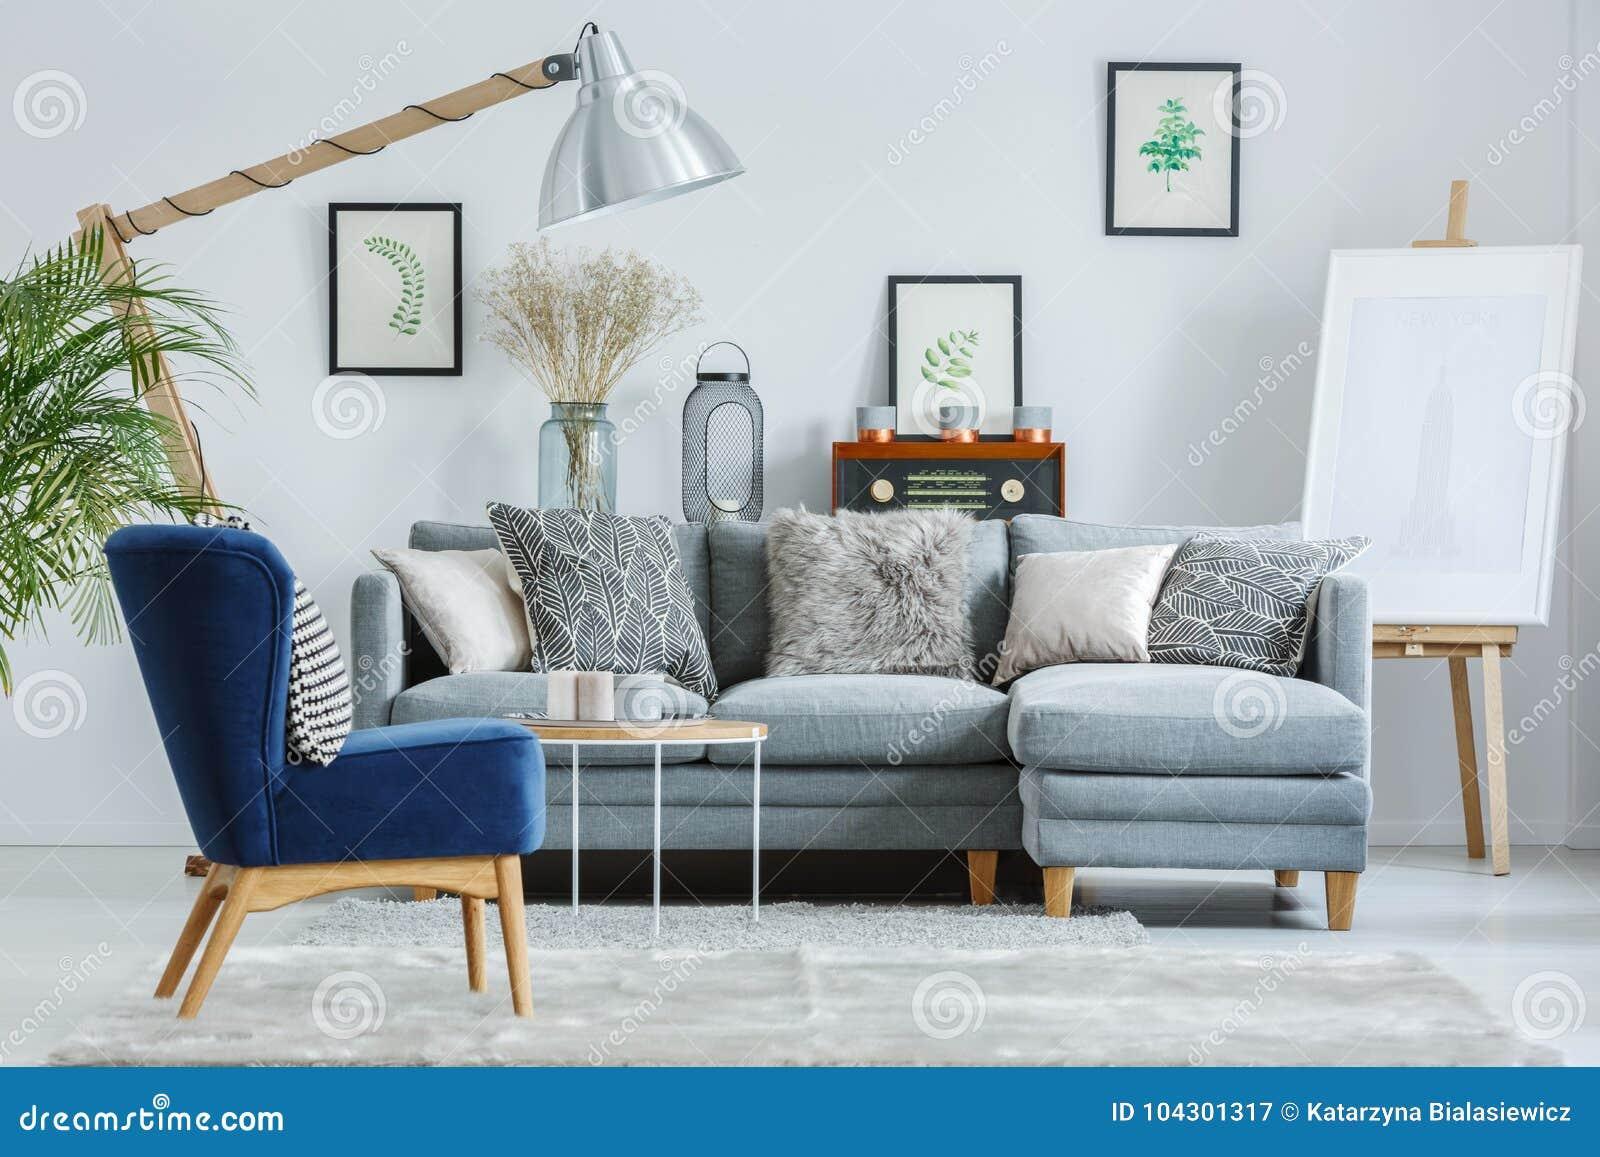 Strange Trendy Interior Design With Sofa Stock Image Image Of Short Links Chair Design For Home Short Linksinfo